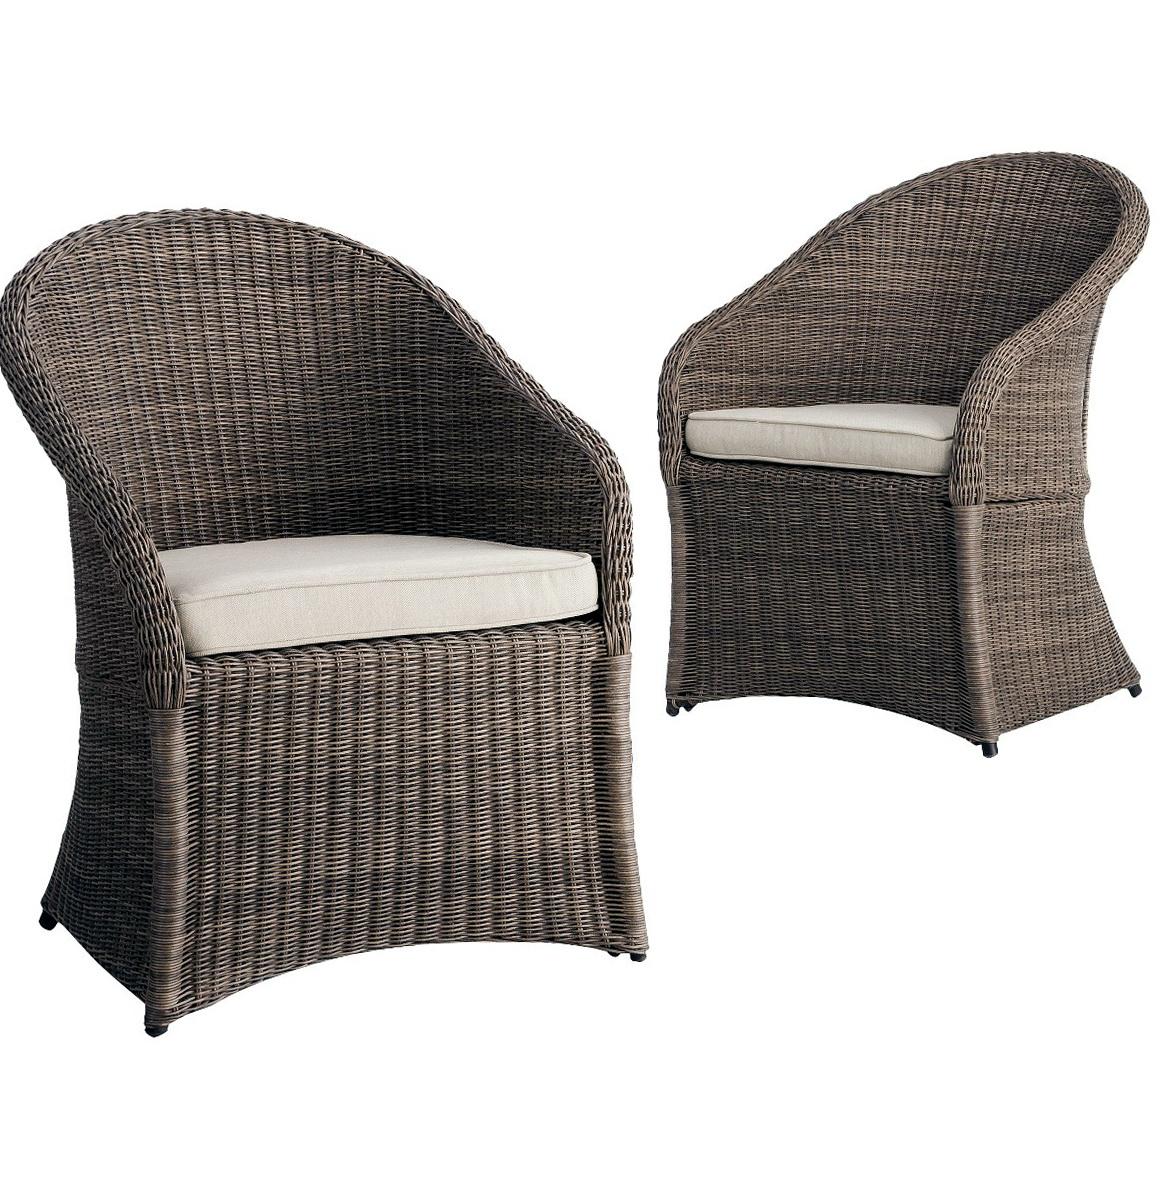 Target Patio Furniture Coupon